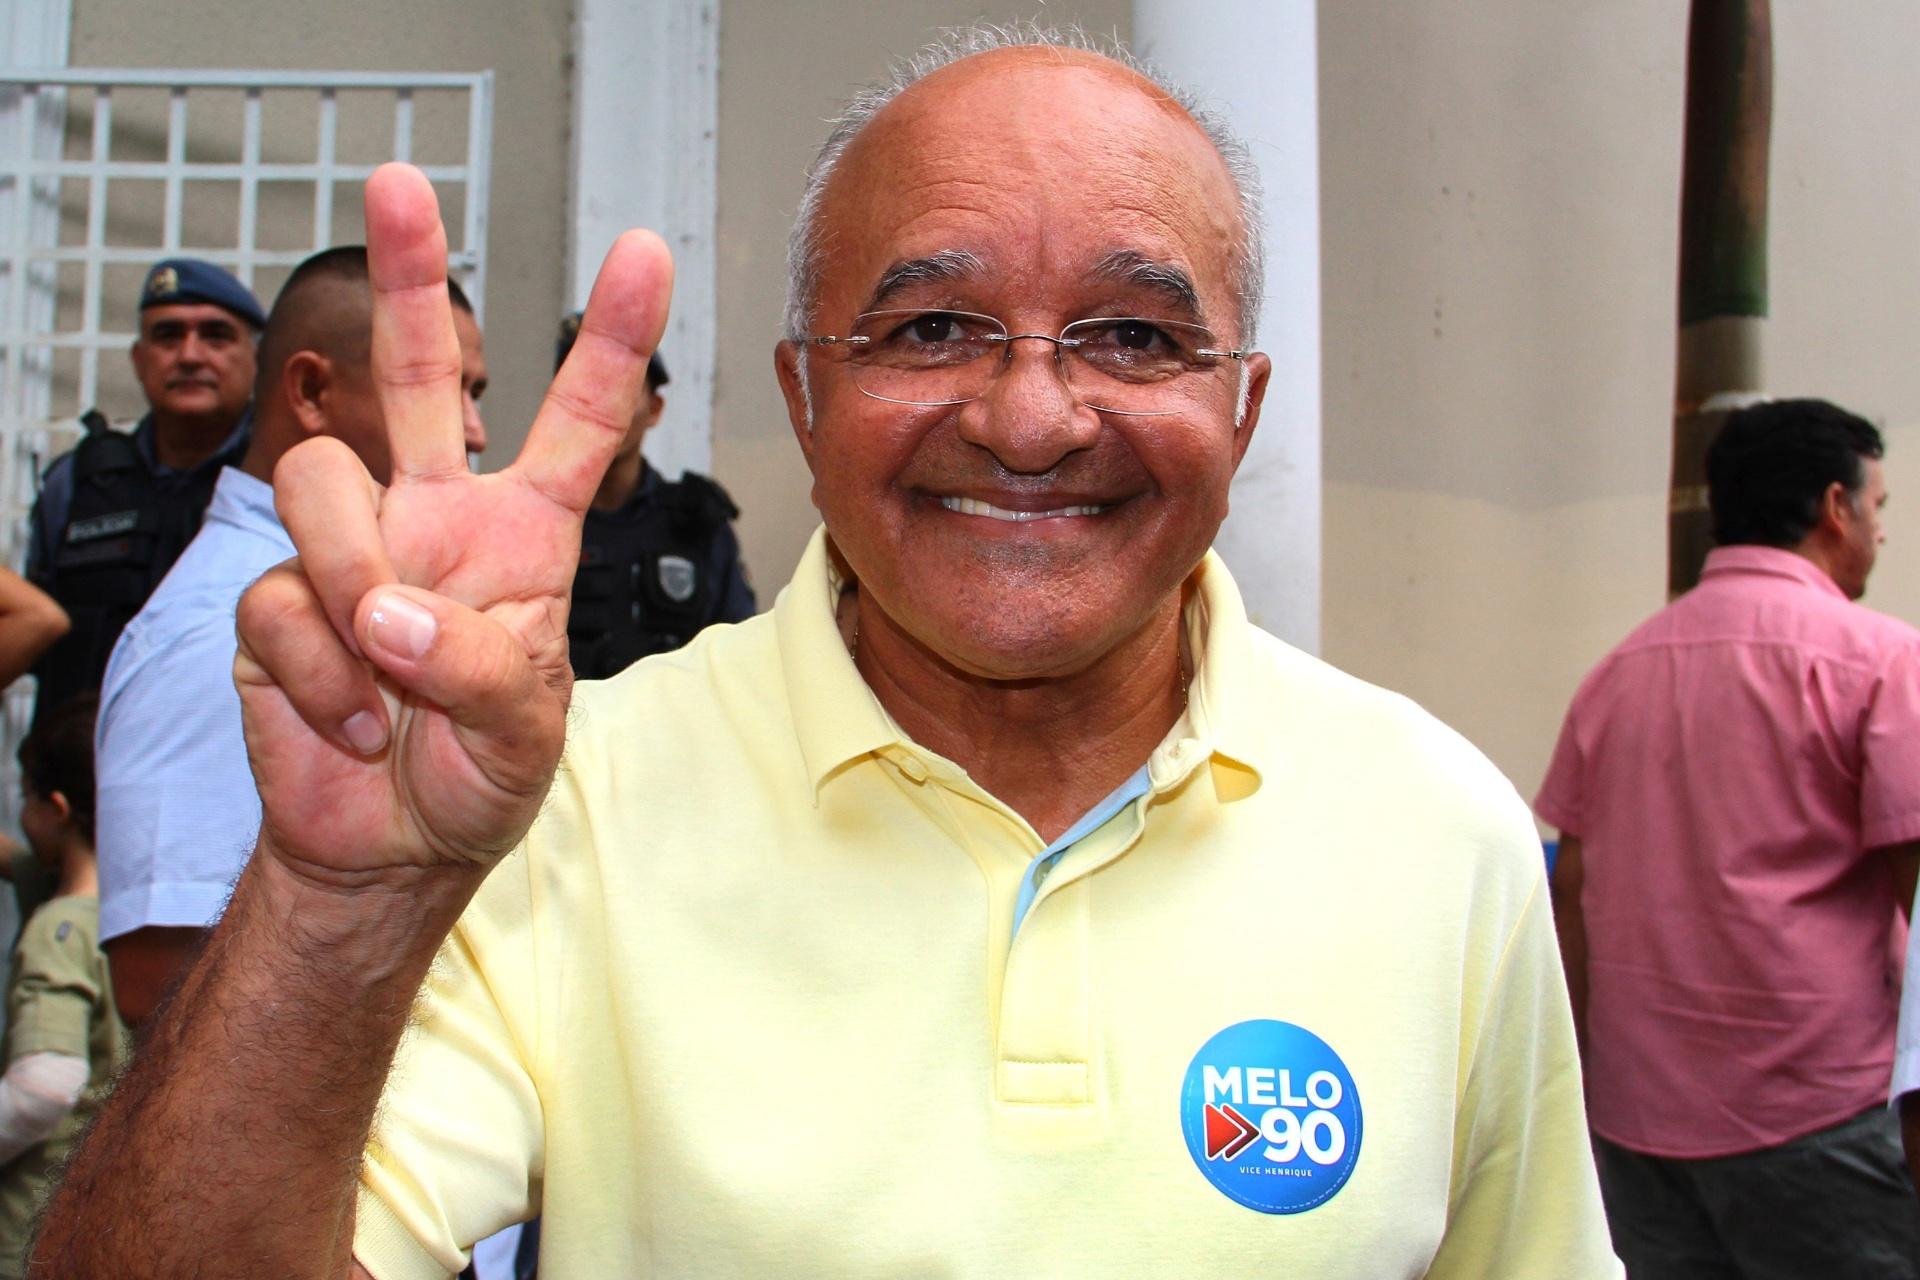 26.out.2014 - O governador do Amazonas e candidato à reeleição, José Melo (PROS) votou no Colégio Ângelo Ramazotti, em Manaus, na manhã deste domingo (26). Segundo a pesquisa Ibope ele está empatado com o candidato do PMDB, Eduardo Braga, nas pesquisas de intenção de voto, ambos com 50%